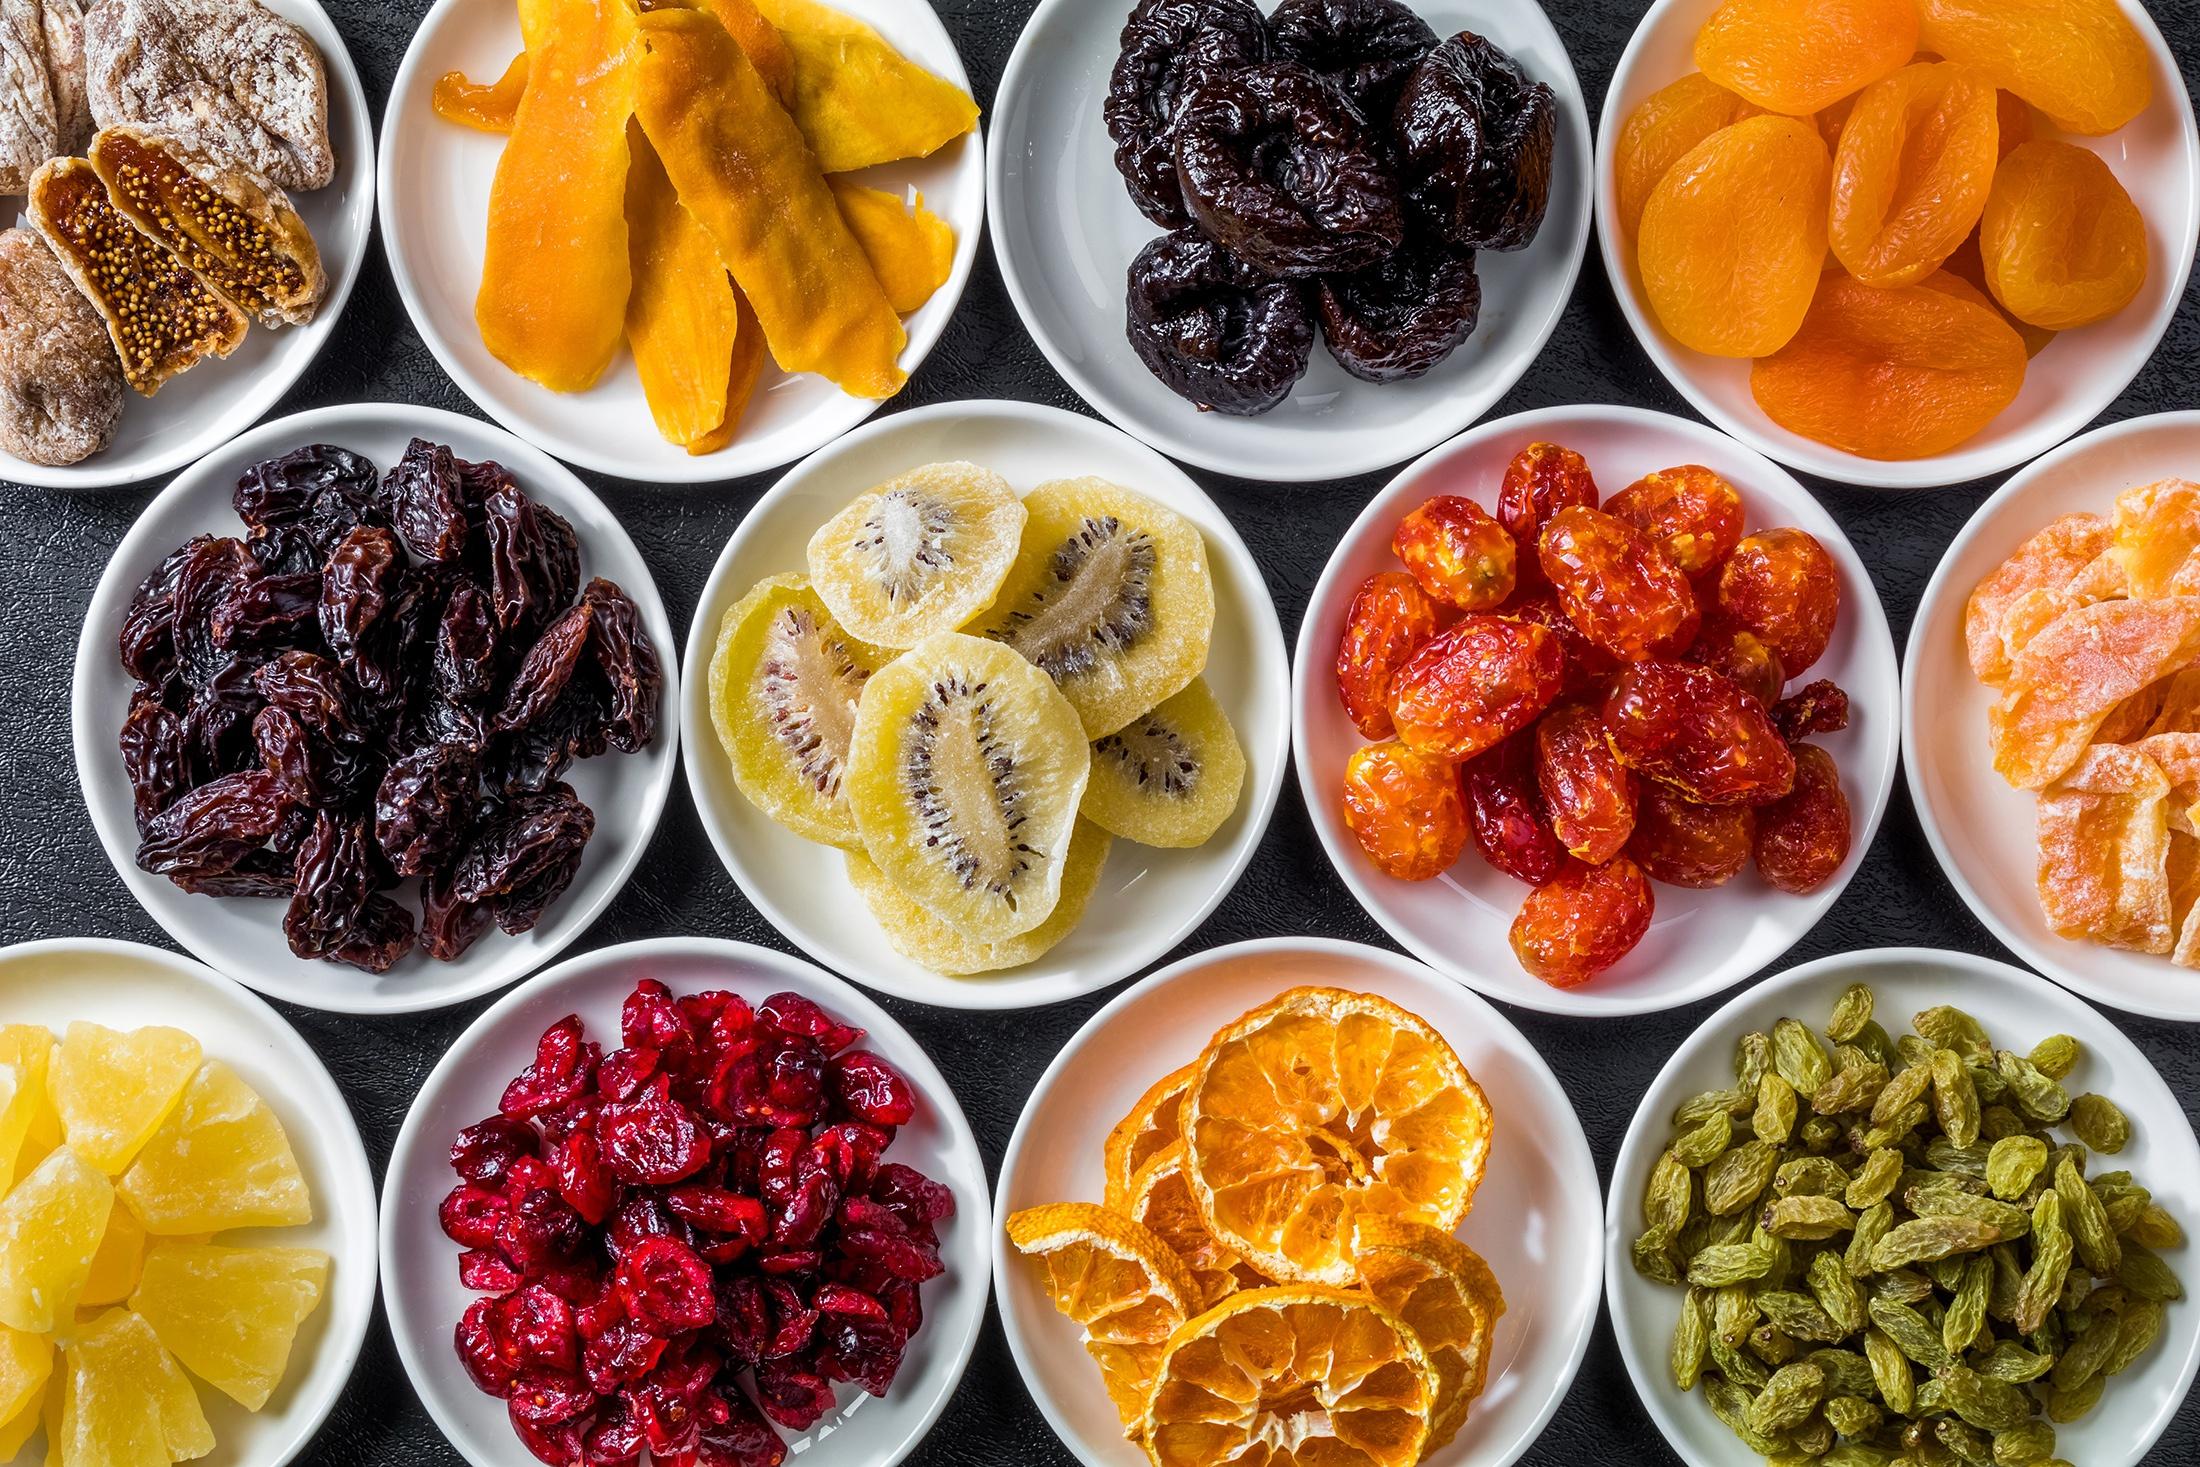 plums (fruits) colorful kiwi (fruit) food orange (fruit) fruit raisins